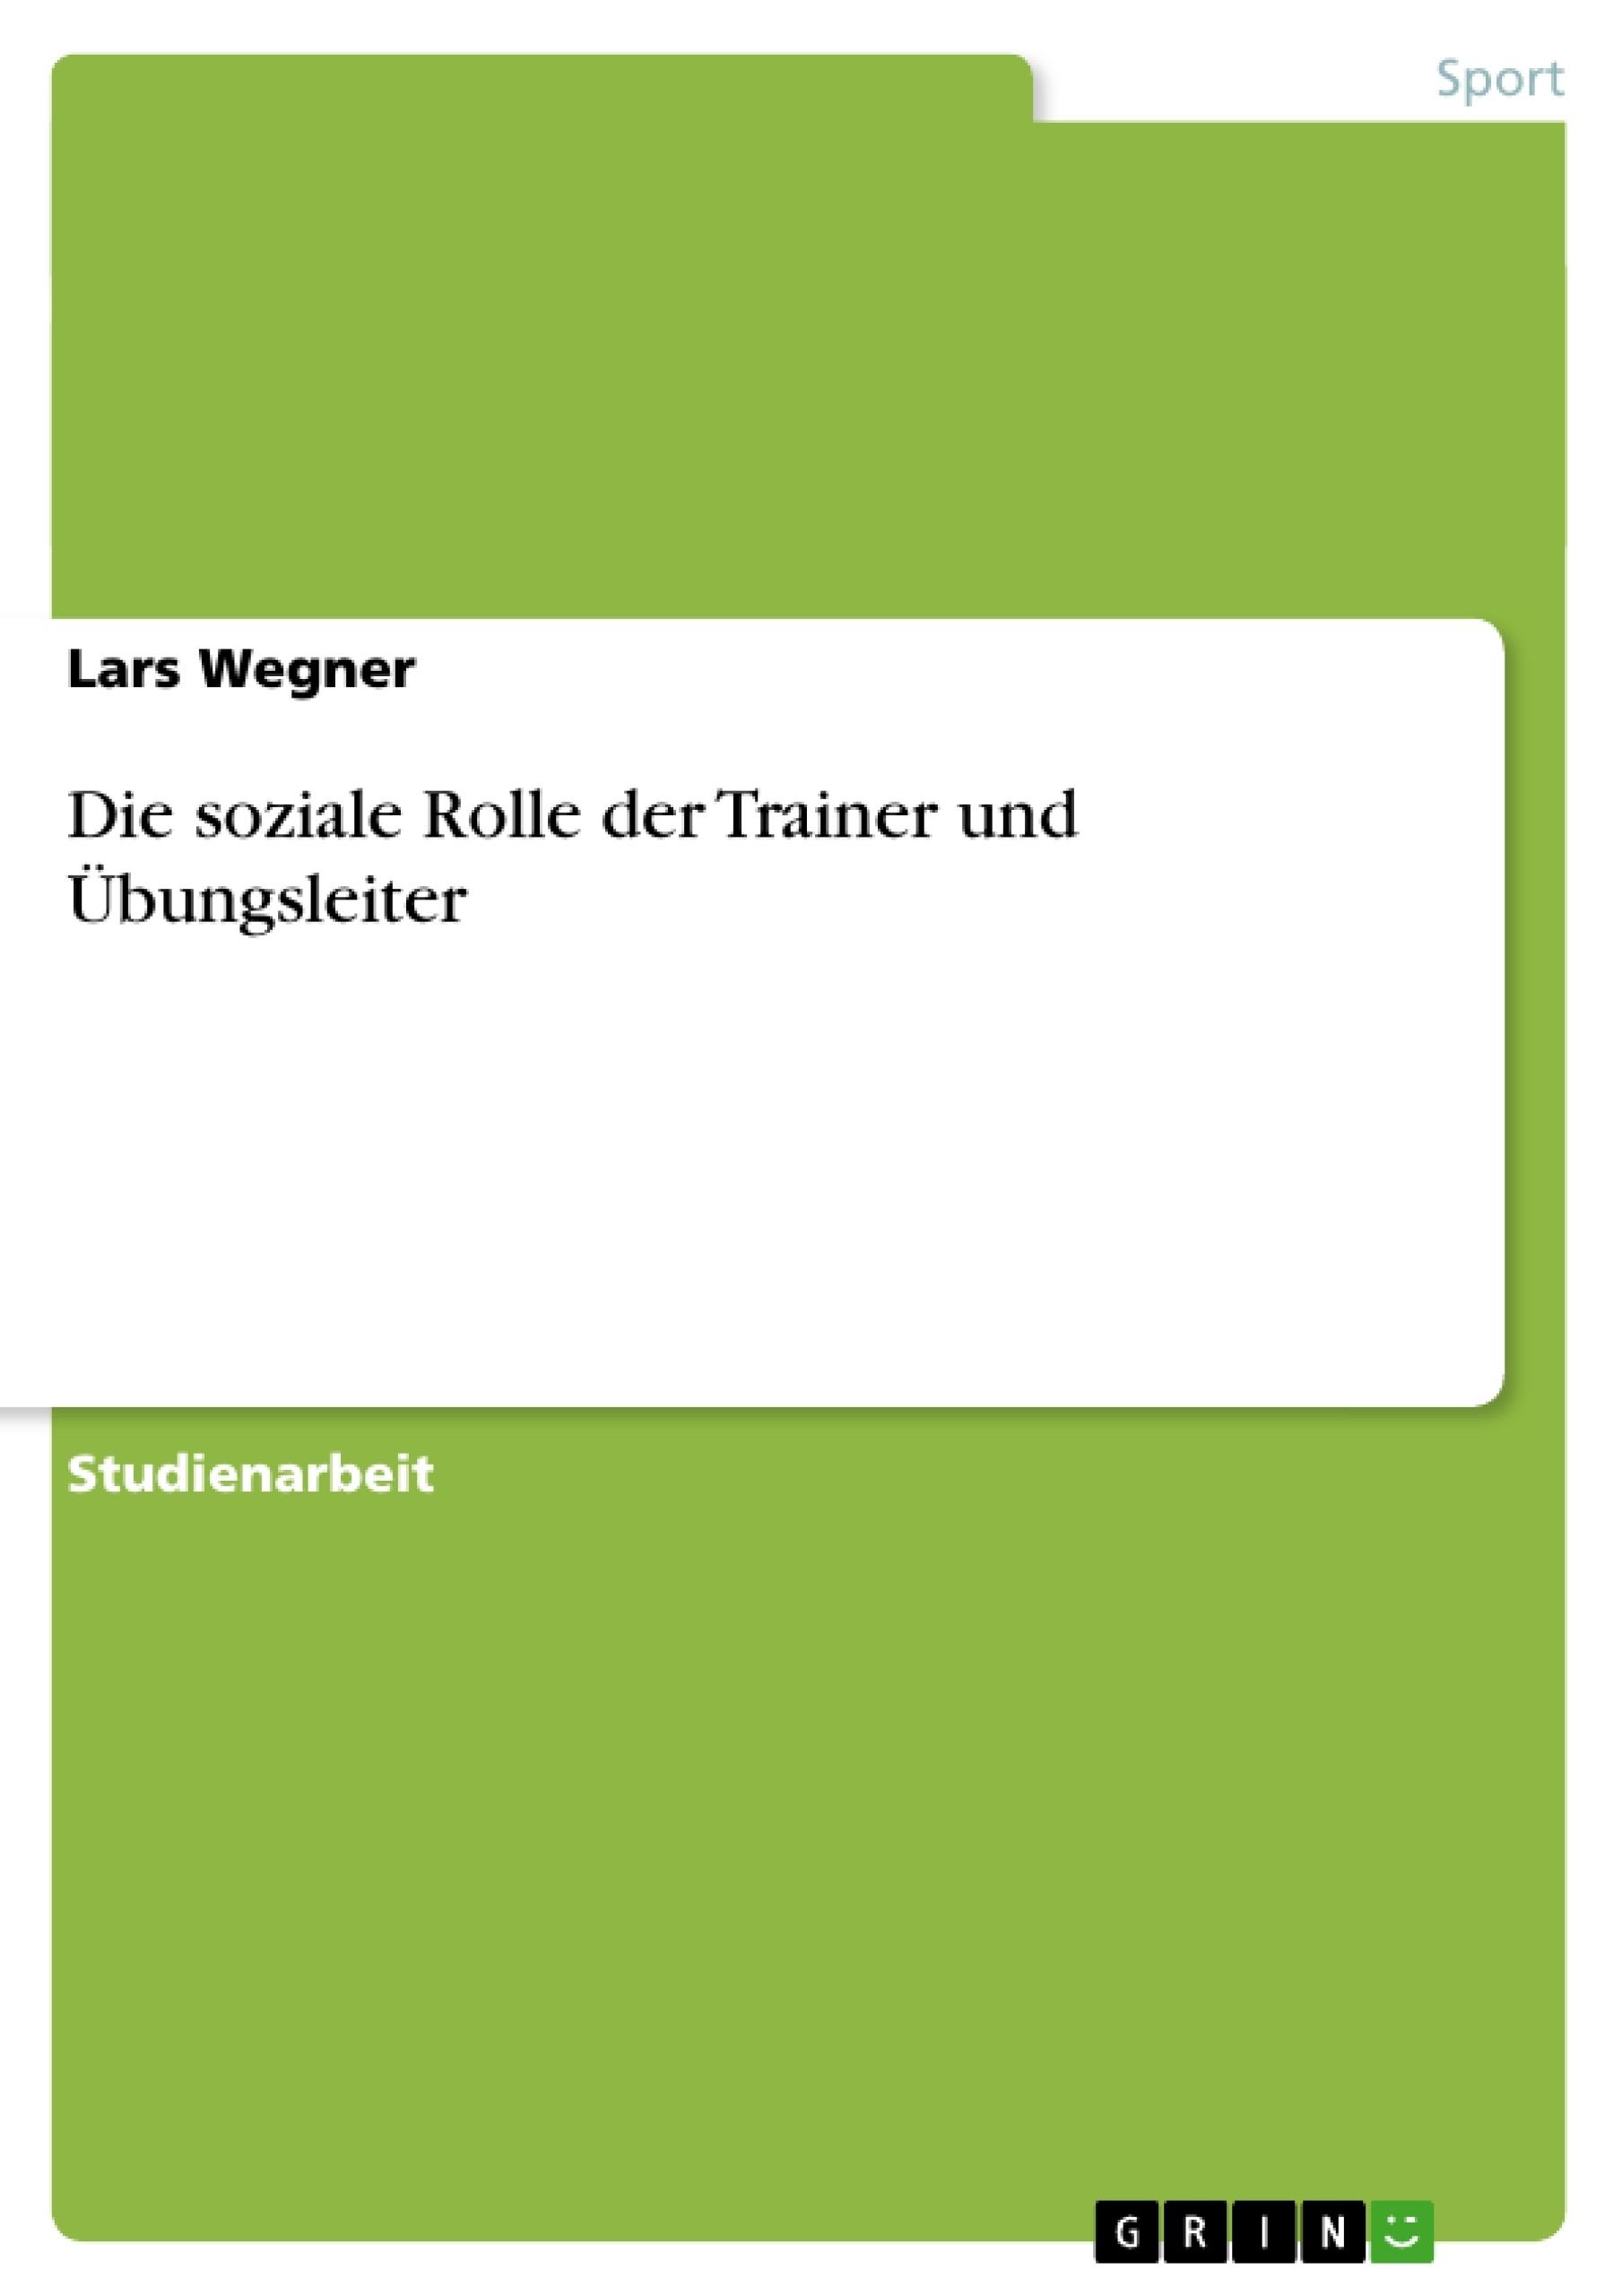 Titel: Die soziale Rolle der Trainer und Übungsleiter